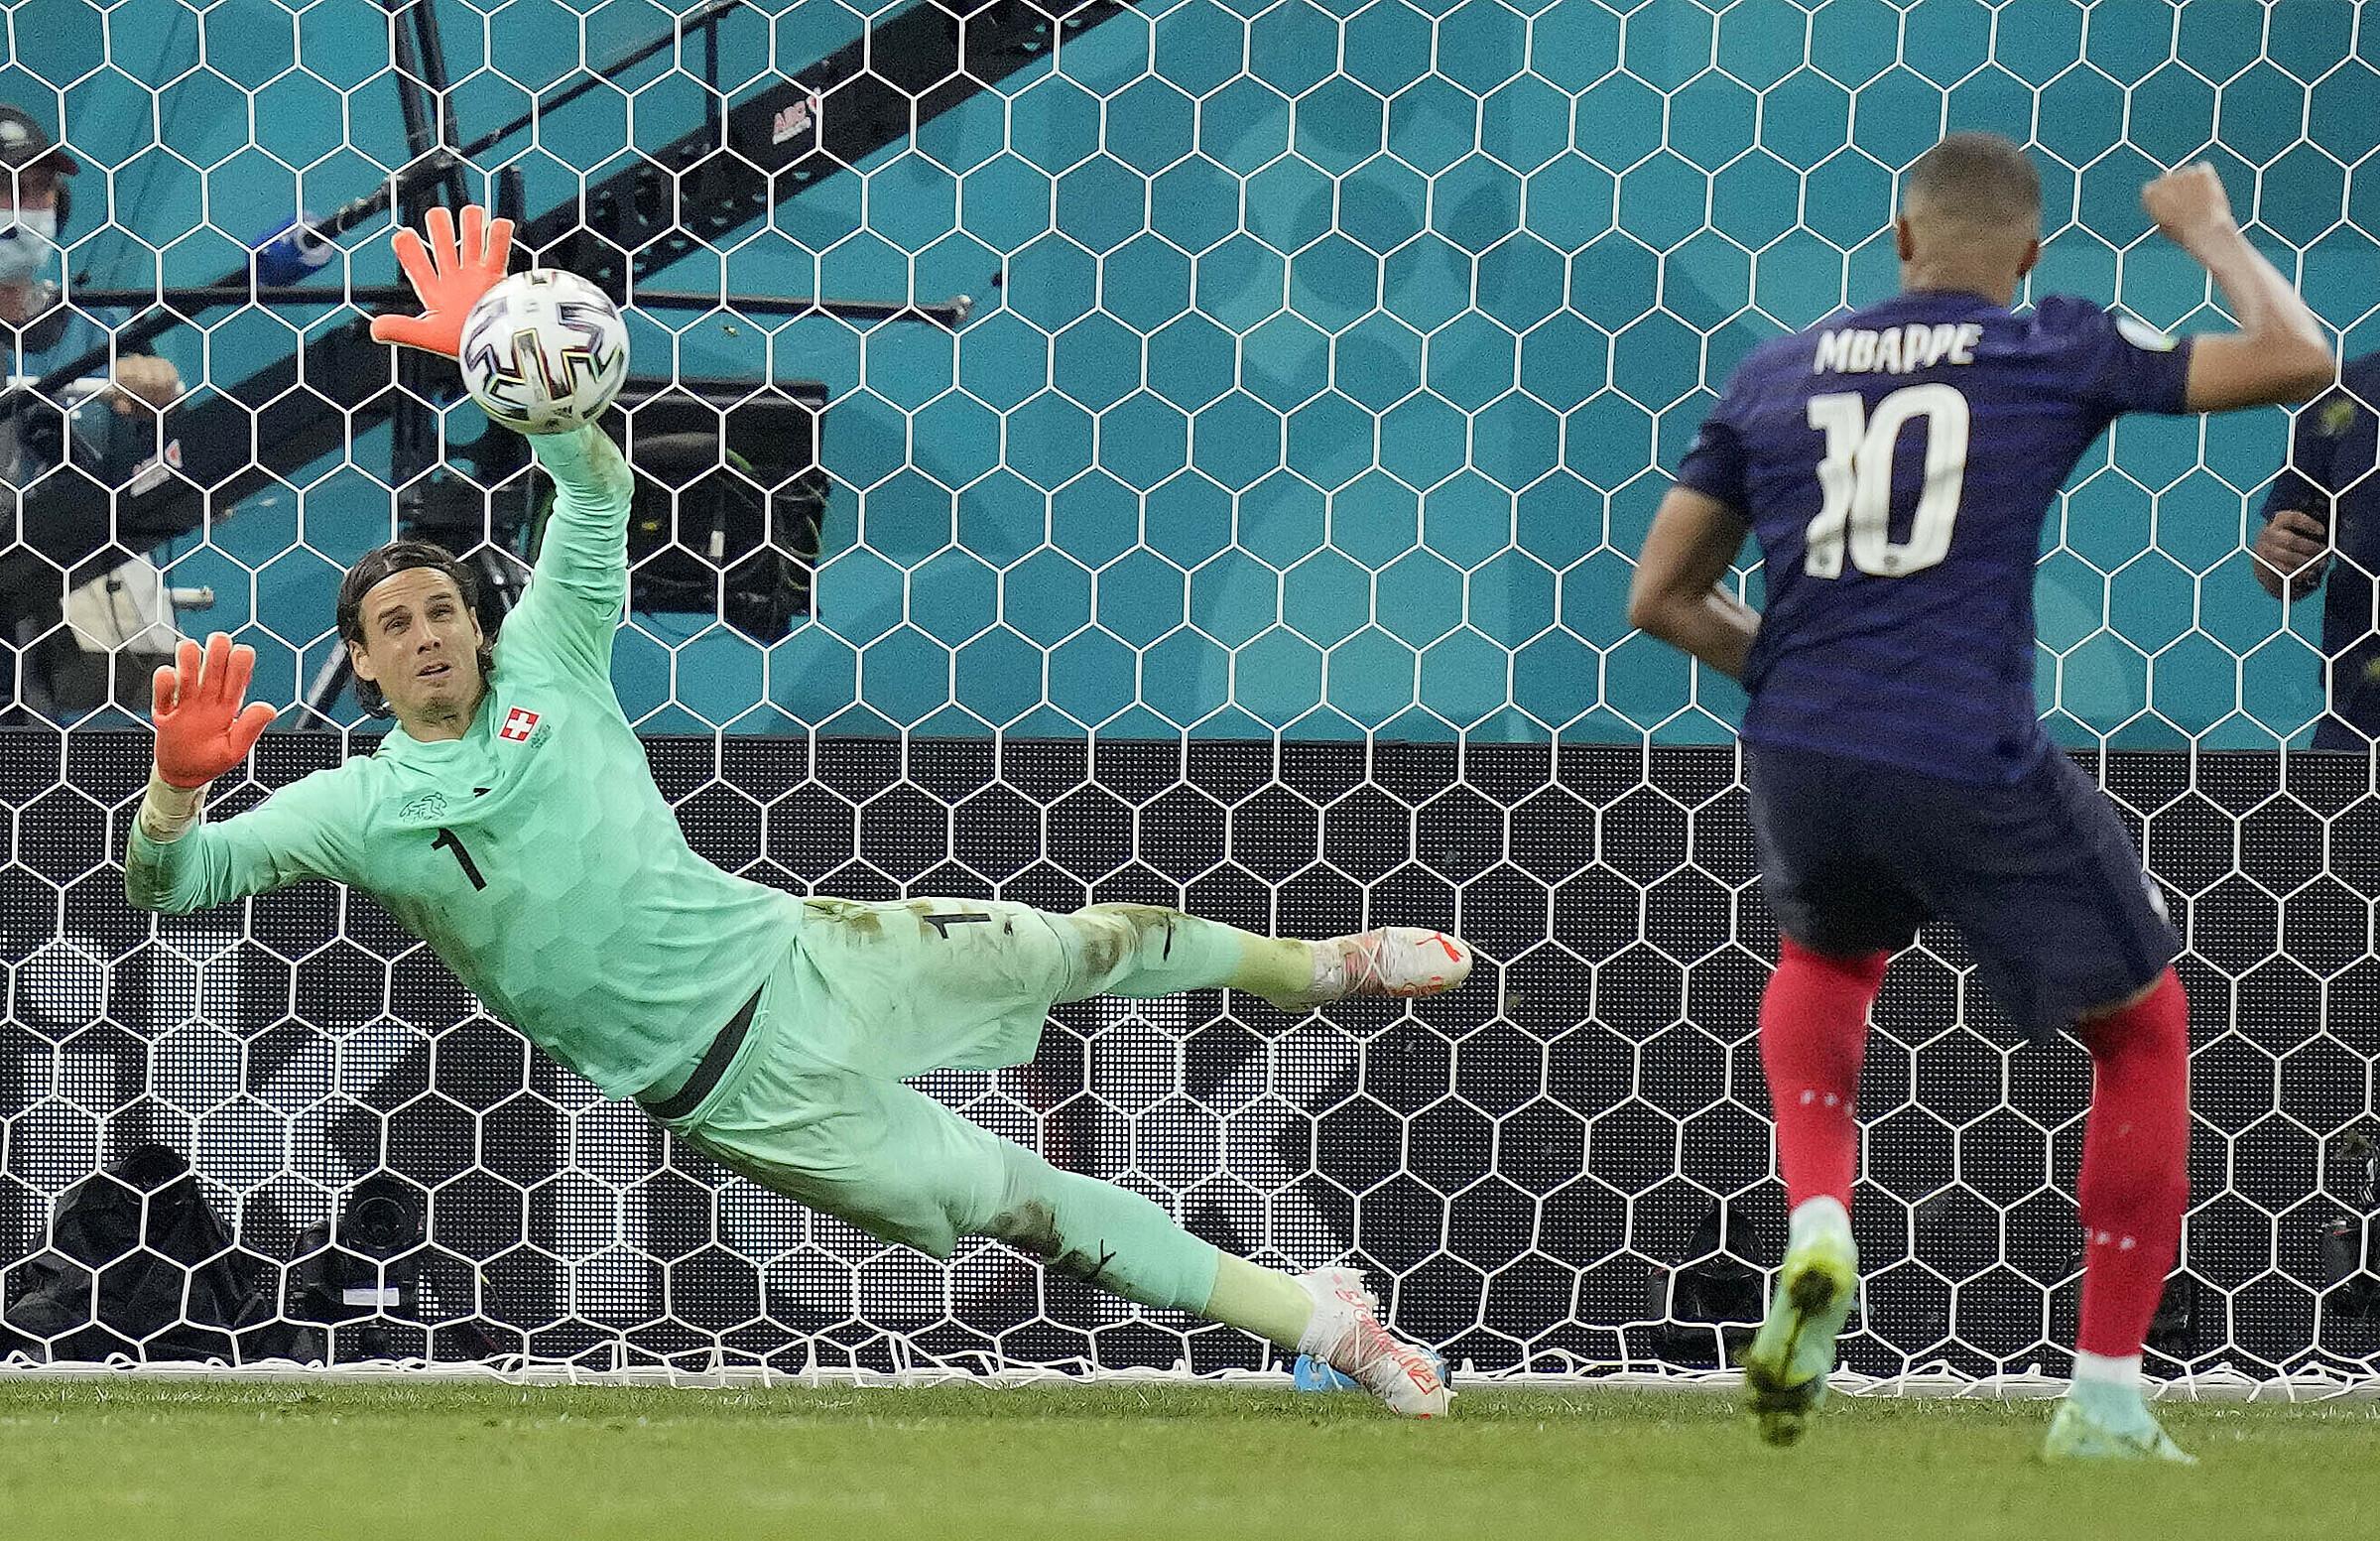 Thủ môn Sommer cản cú đá luân lưu quyết định của Mbappe, giúp Thuỵ Sĩ vượt qua Pháp ở vòng 1/8. Ảnh: PA Images